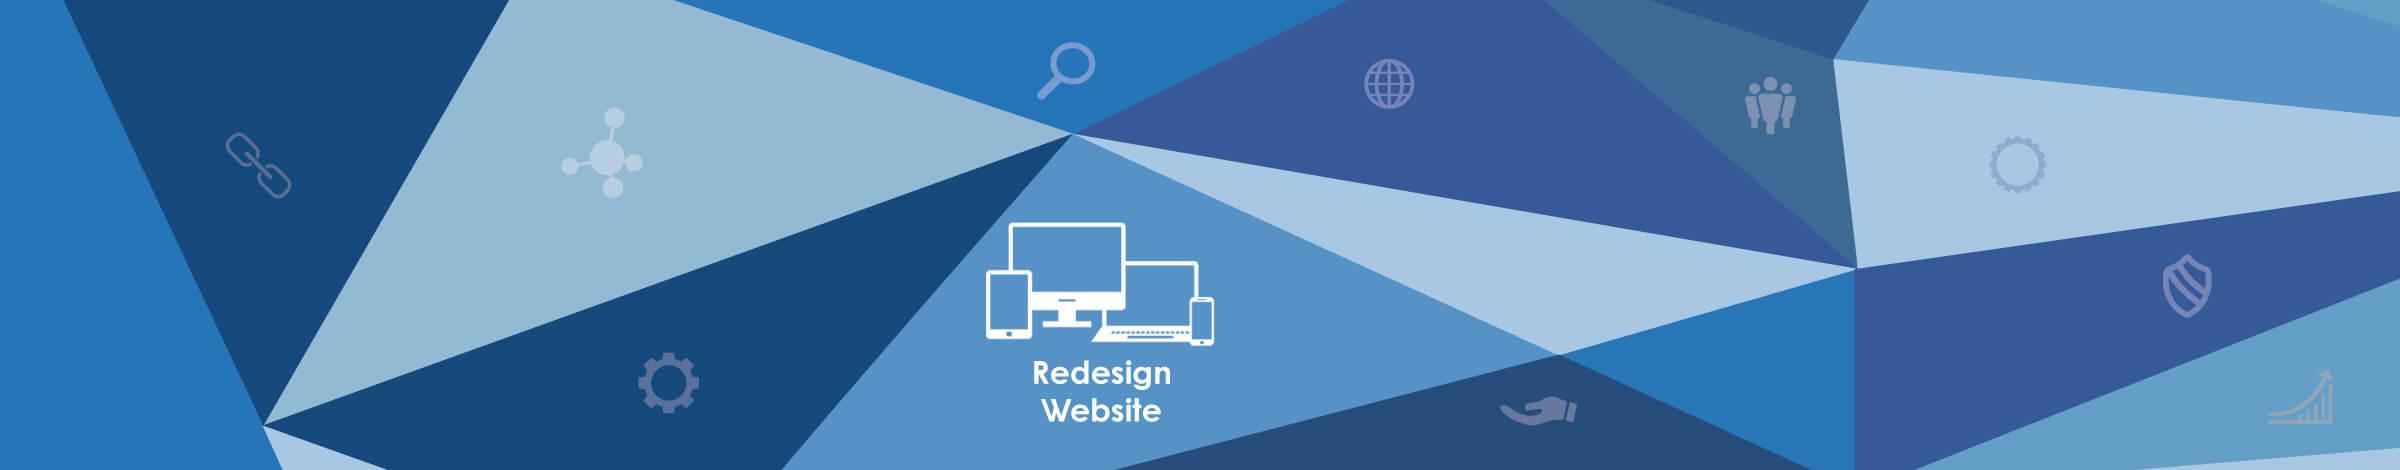 web_updates_kmu_wuk-ch_Redesign-Website